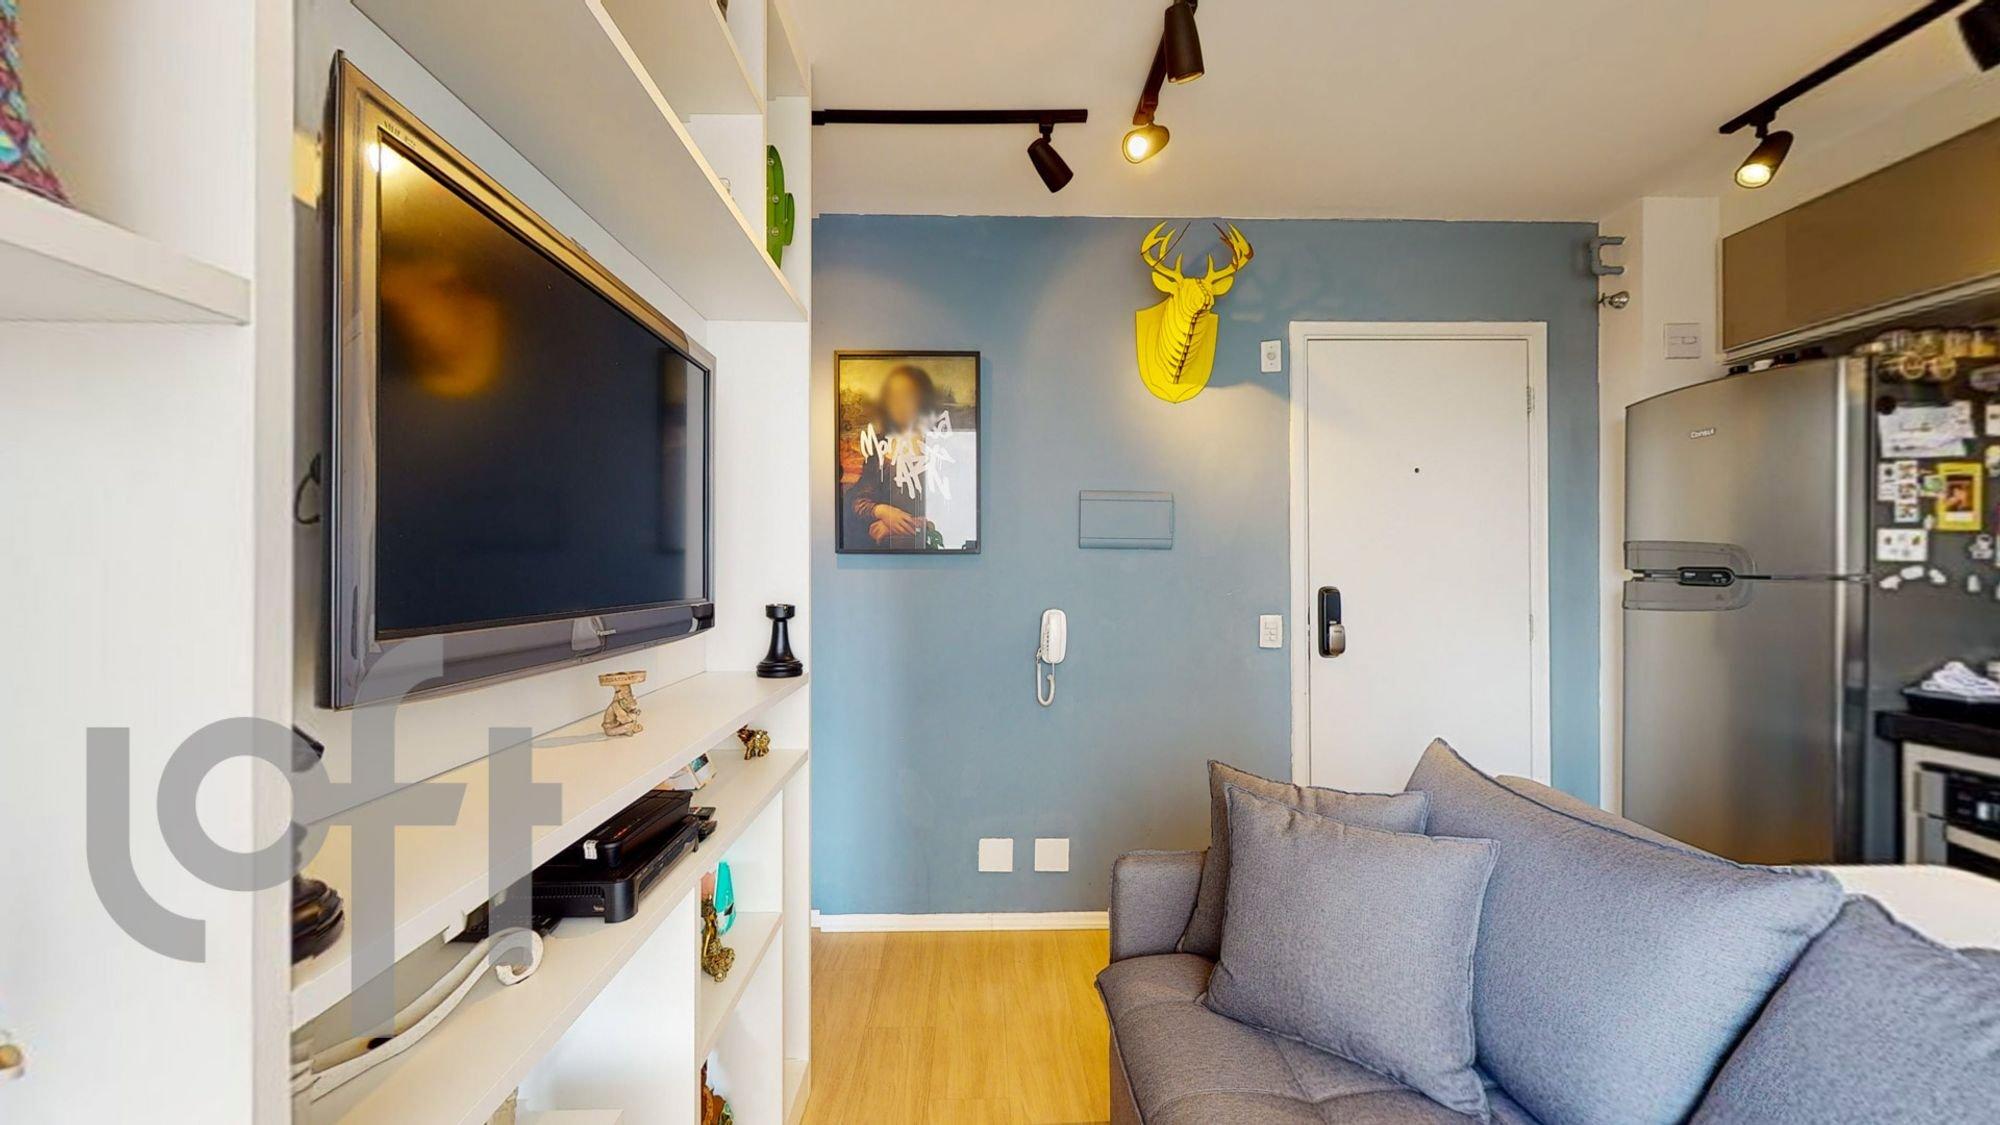 Foto de Sala com sofá, geladeira, televisão